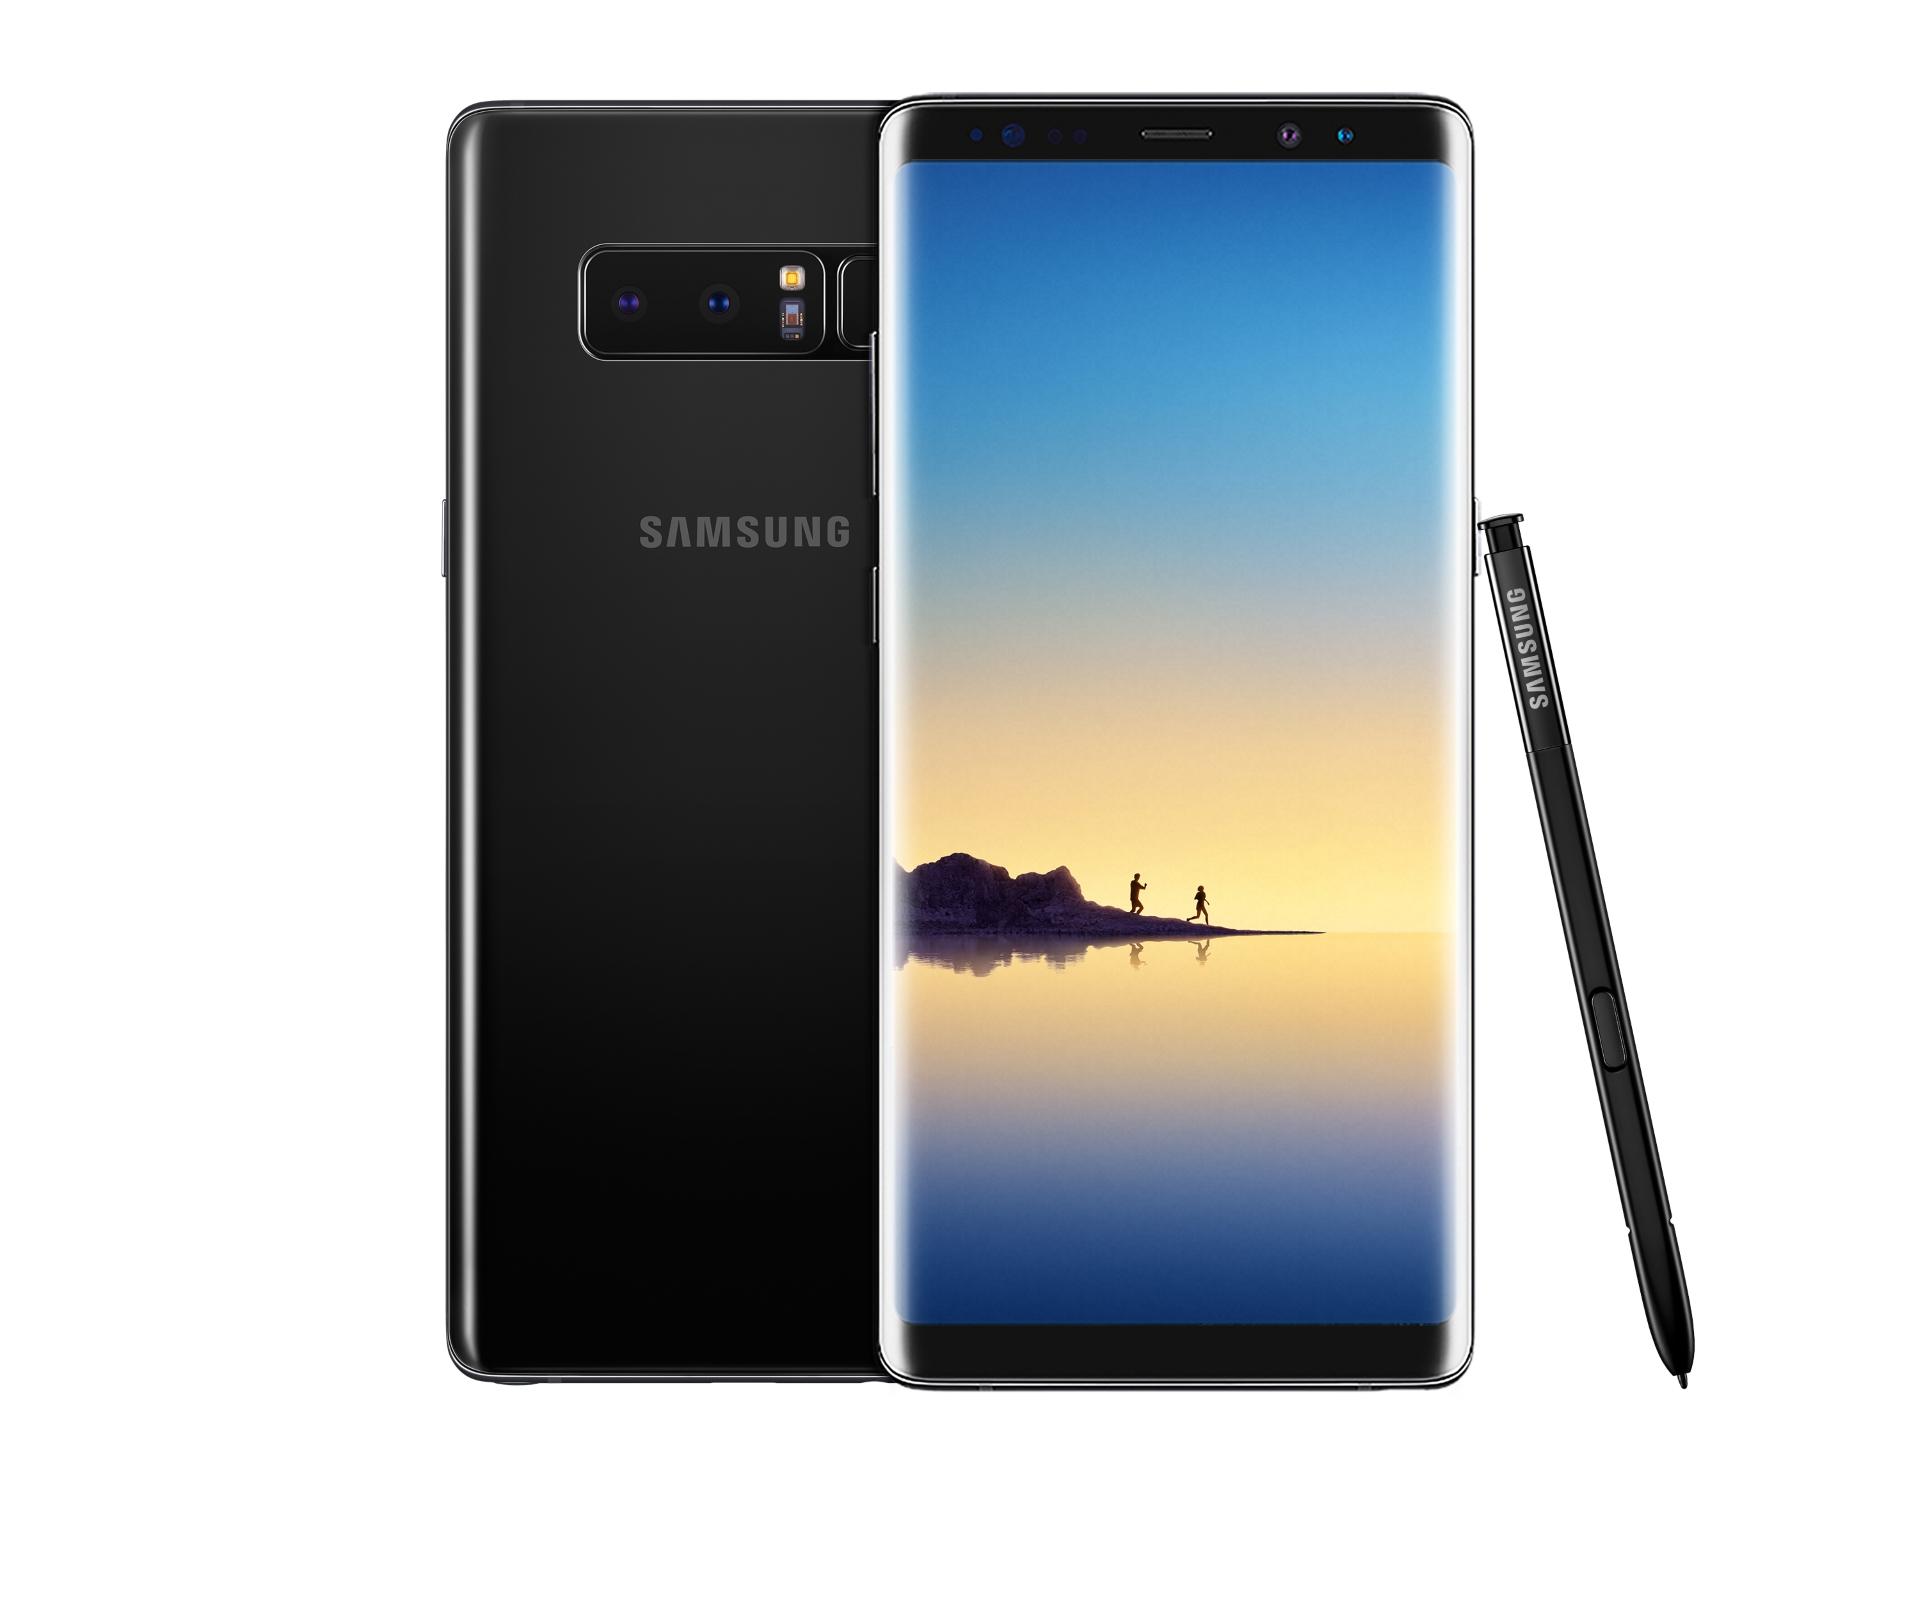 Le Samsung Galaxy Note 8 nommé Smartphone Phare de l'Année en Inde